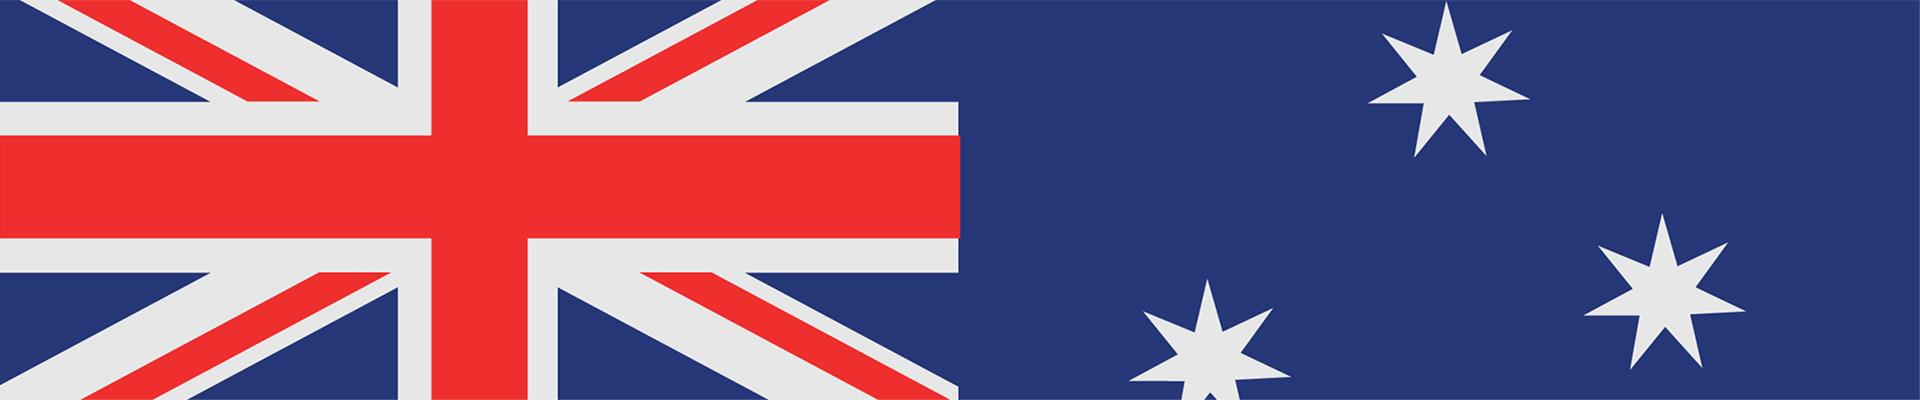 Les finales des Jeux olympiques de gymnastique féminine et des barres asymétriques sont diffusées en direct en Australie - Drapeau australien